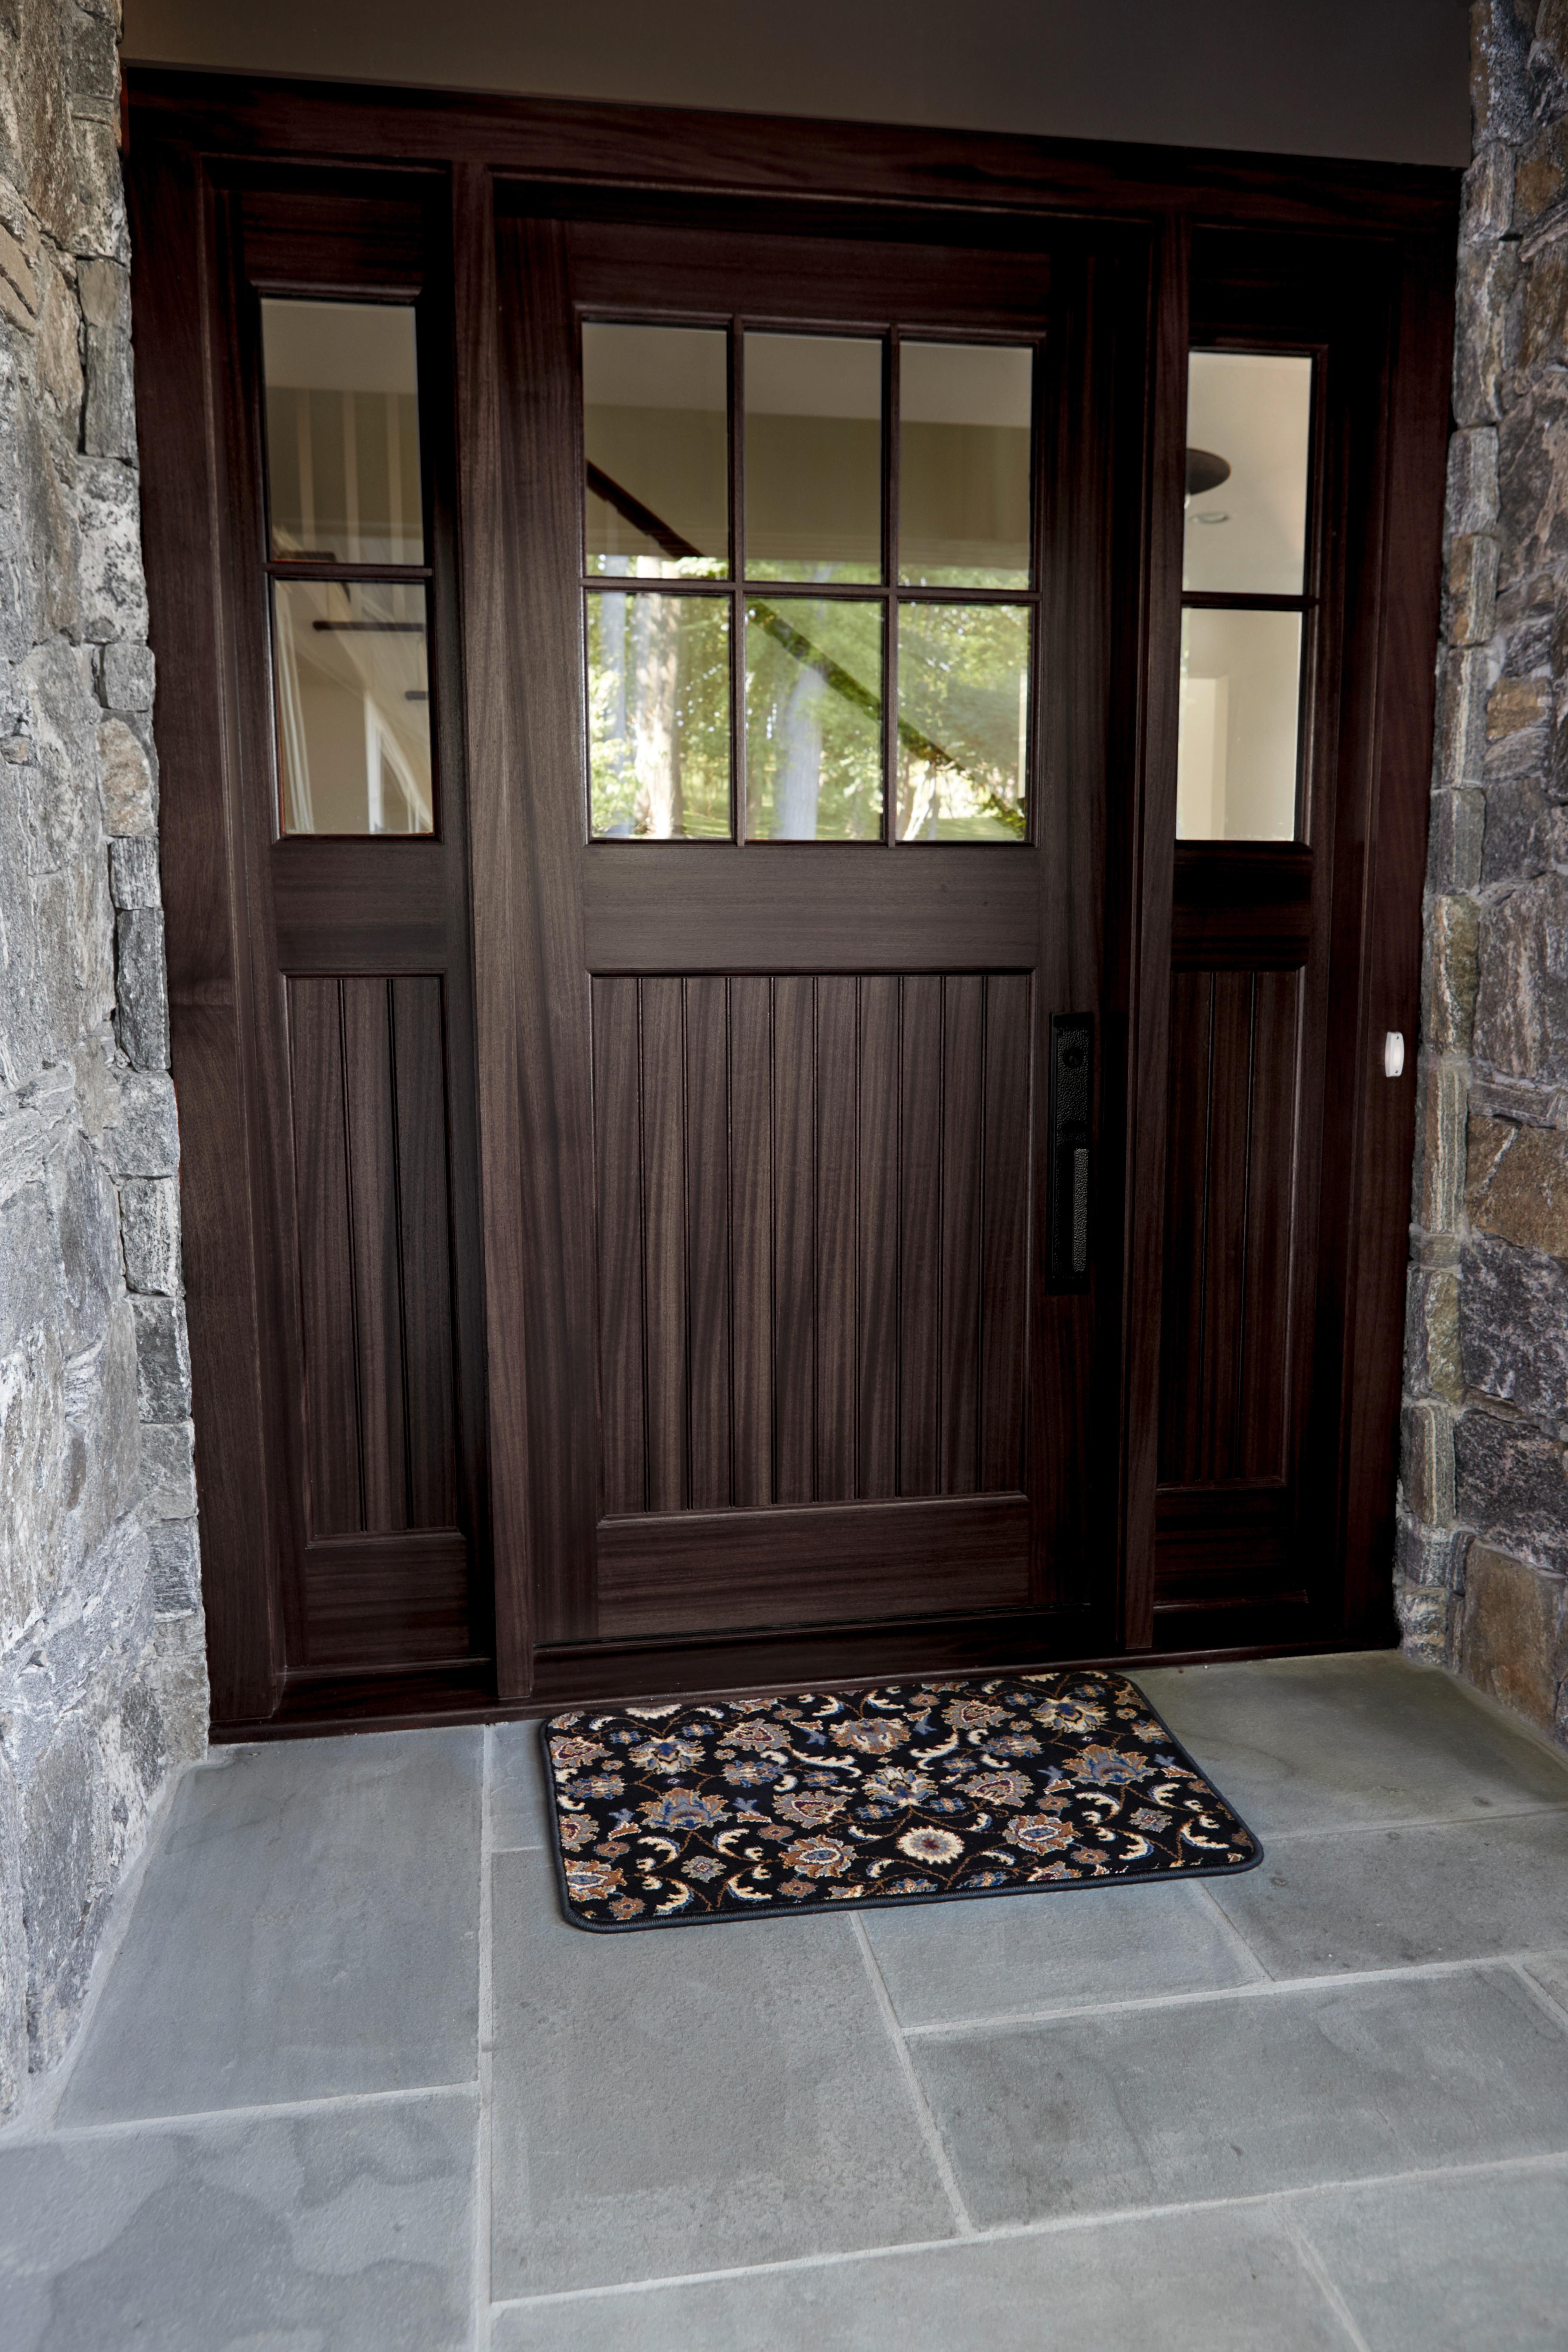 Black Oriental Home Floor Mat